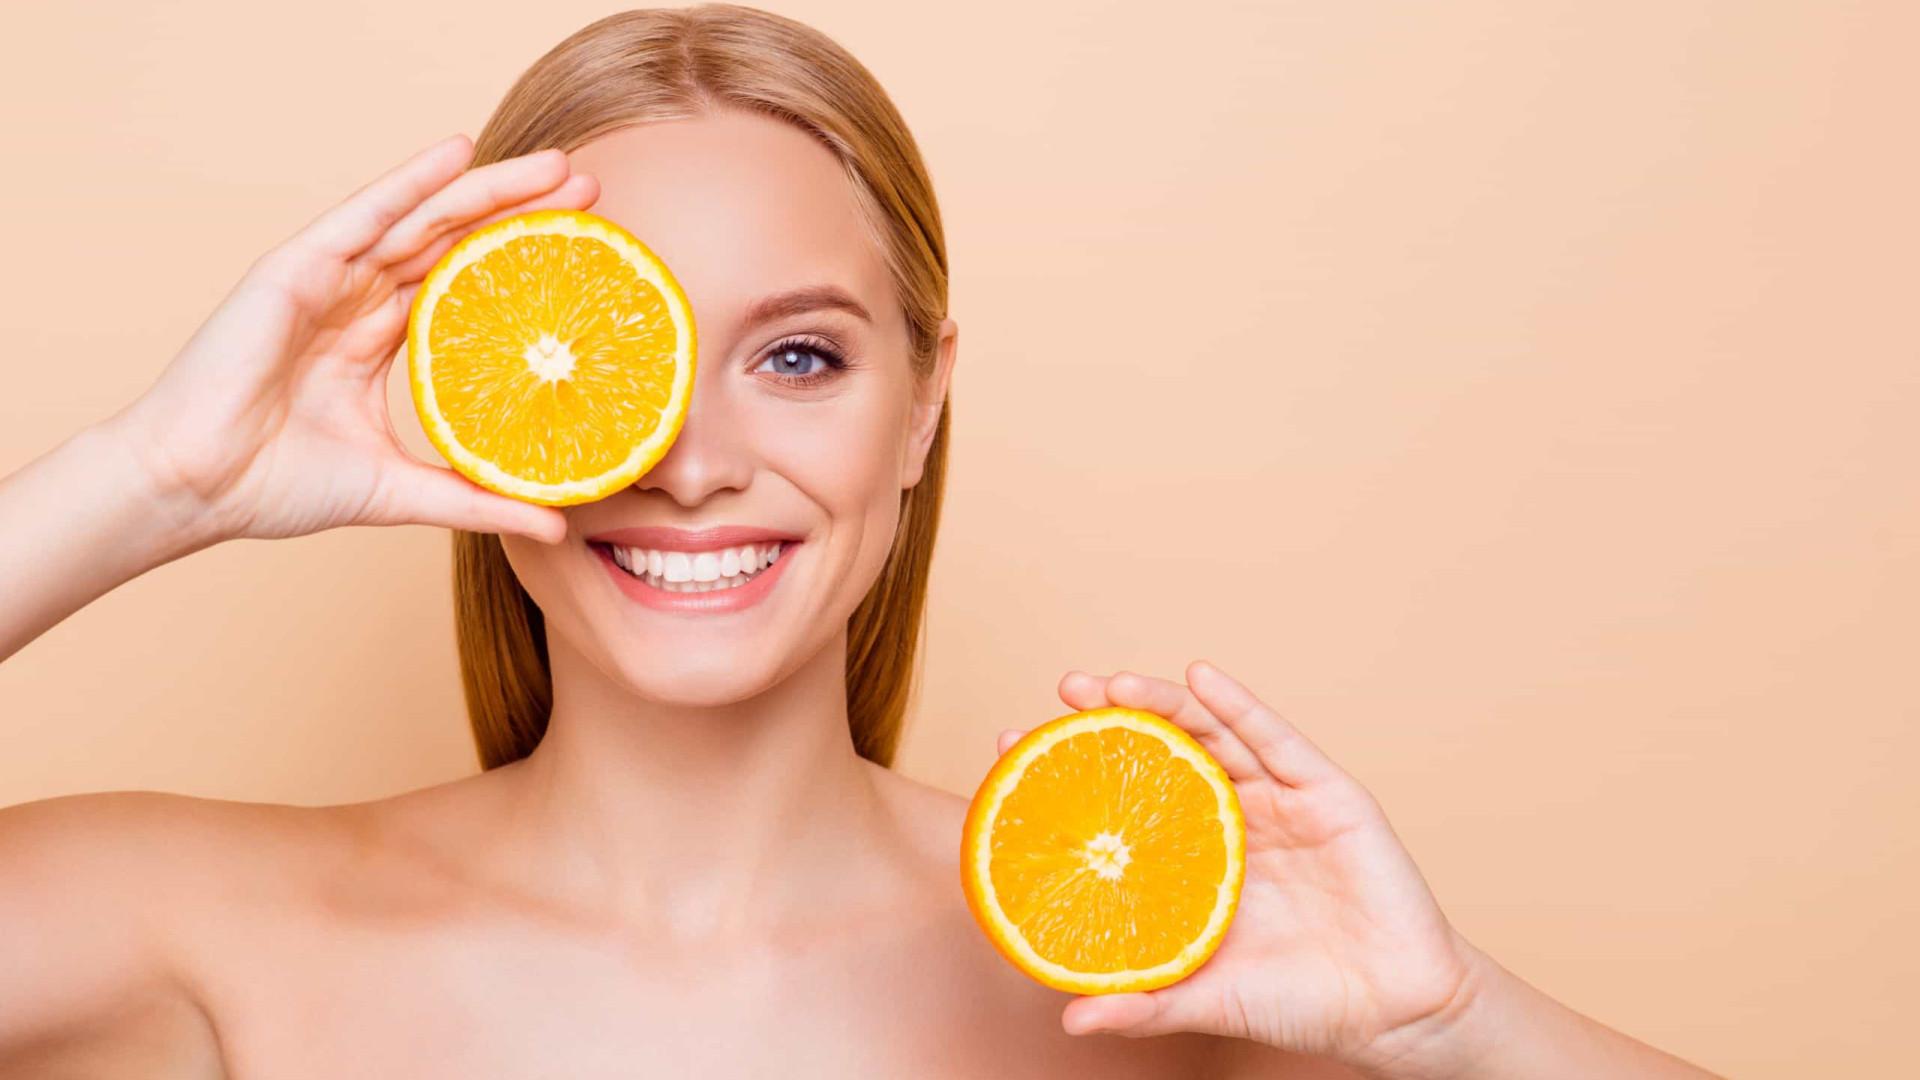 Jovem para sempre. Os benefícios da vitamina C para a pele